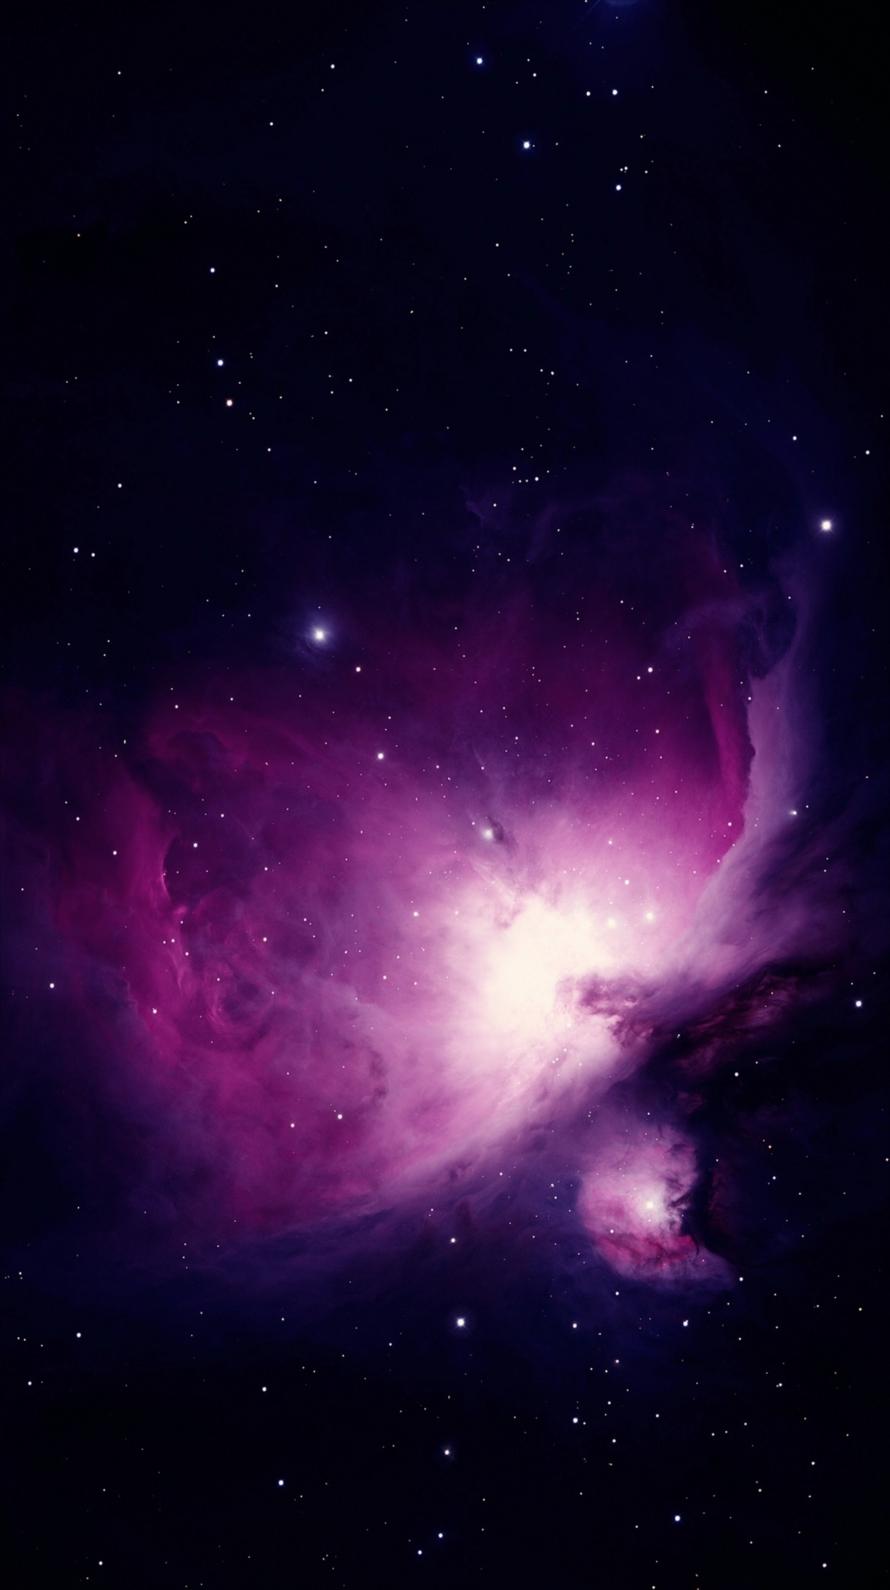 紫の宇宙 ギャラクシー Iphone6壁紙 Wallpaperbox